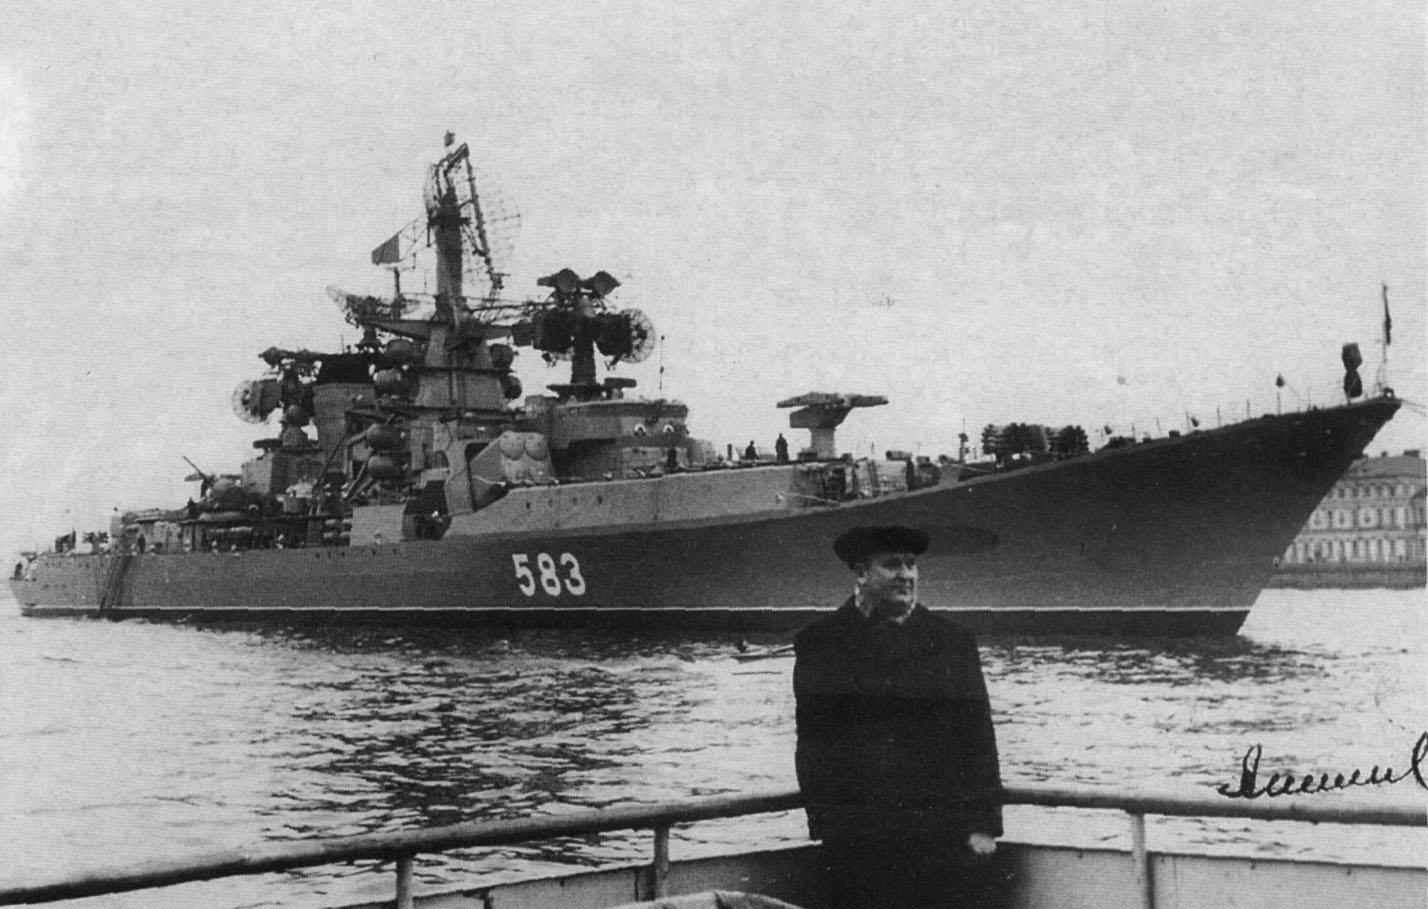 Архив фотографий кораблей русского и советского ВМФ.